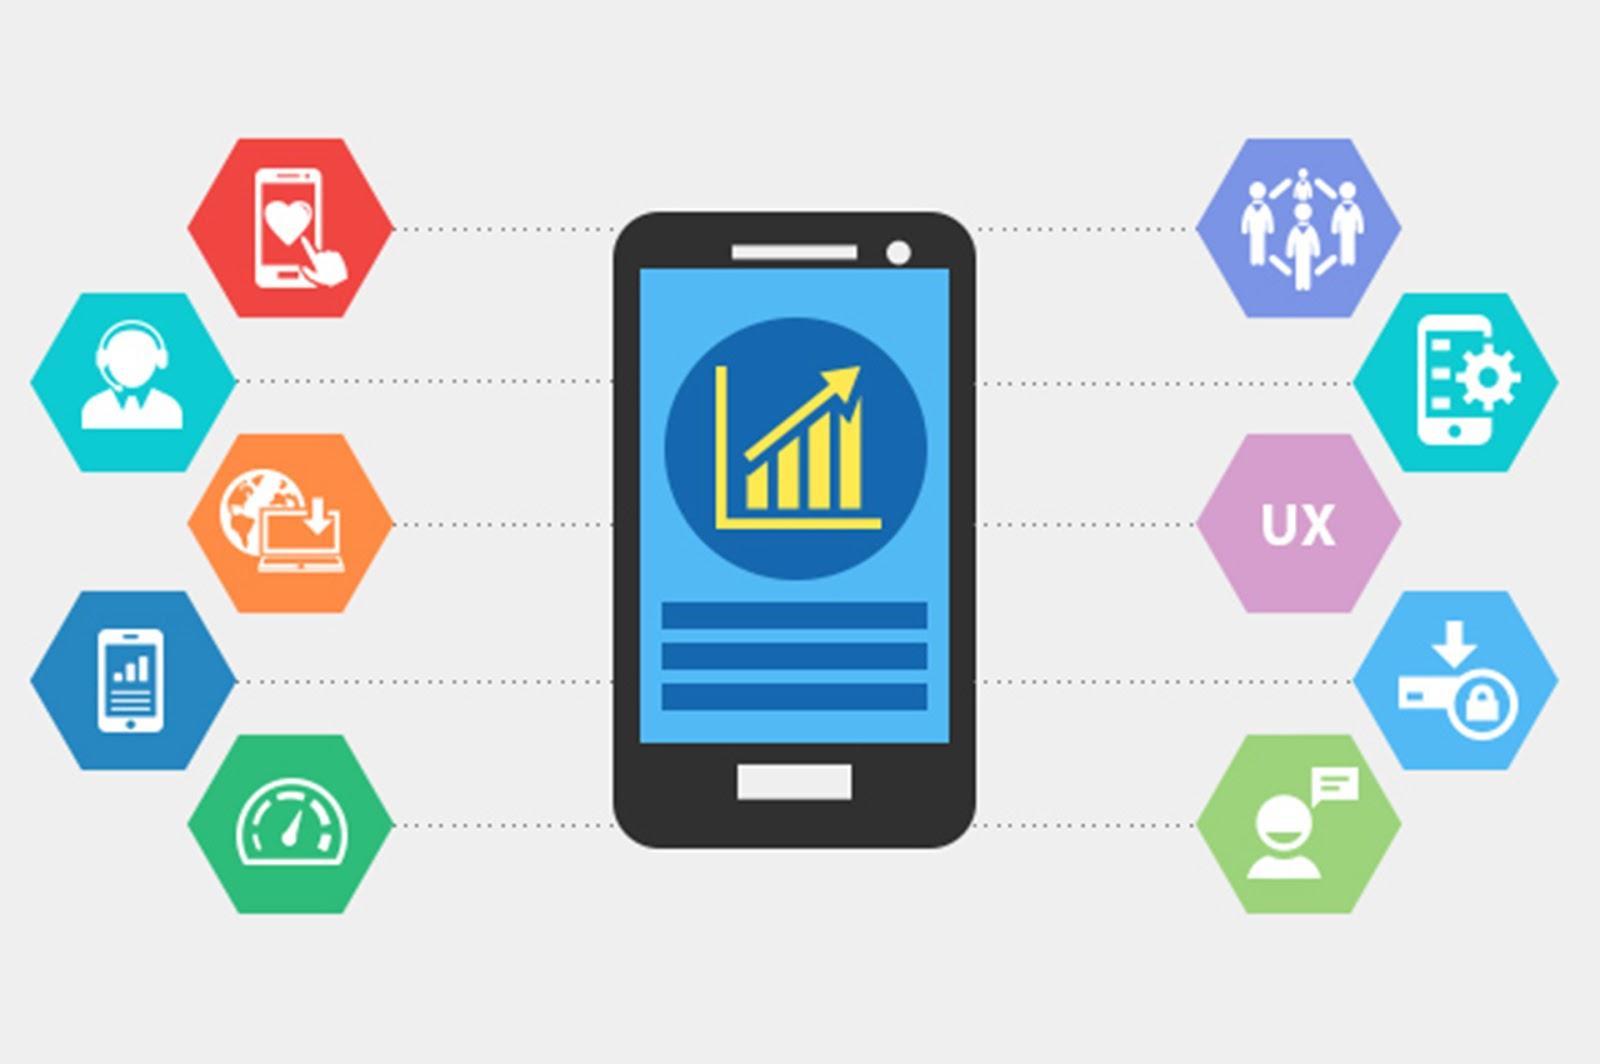 Mobile app elements